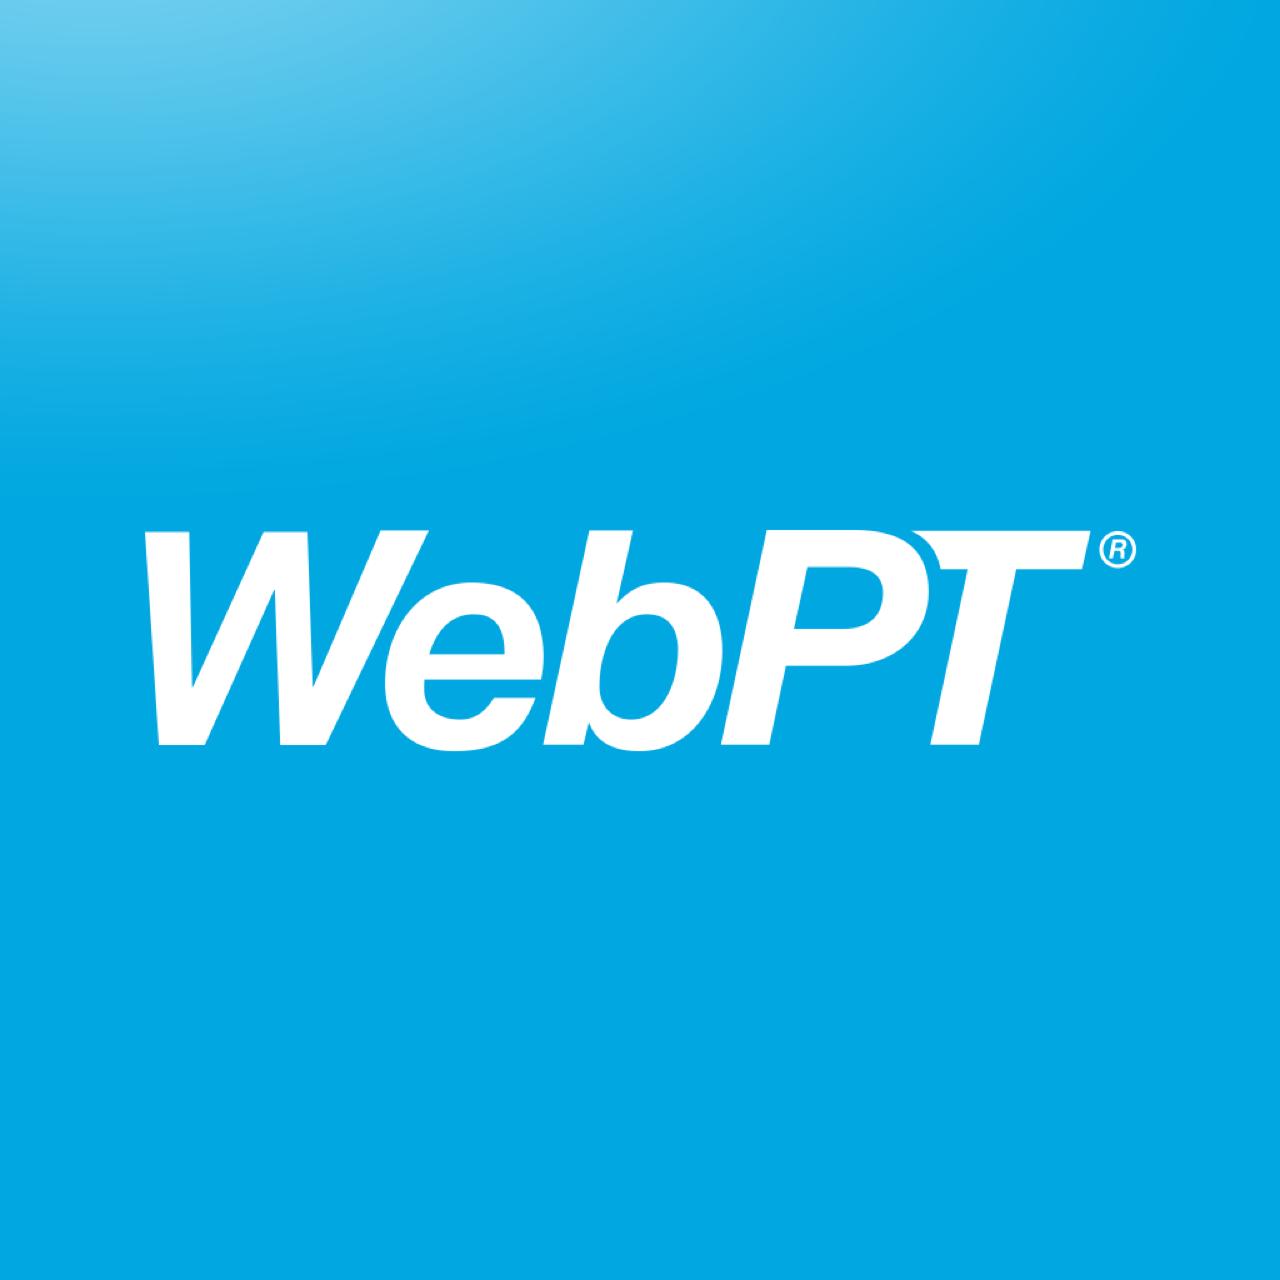 webpt login page